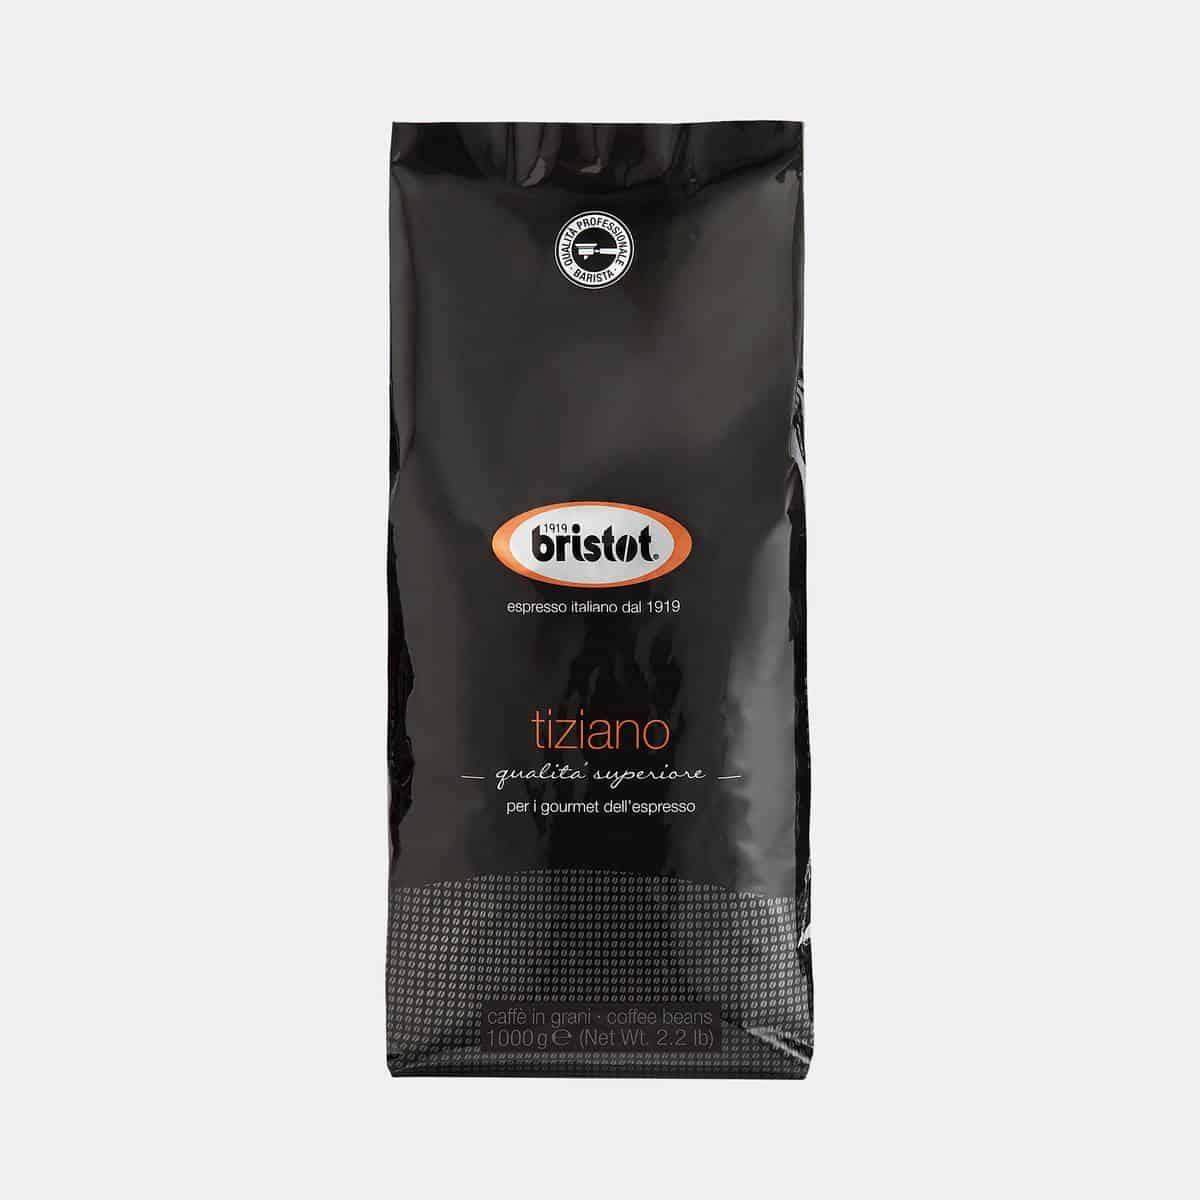 Bristot Espresso Tiziano 1kg